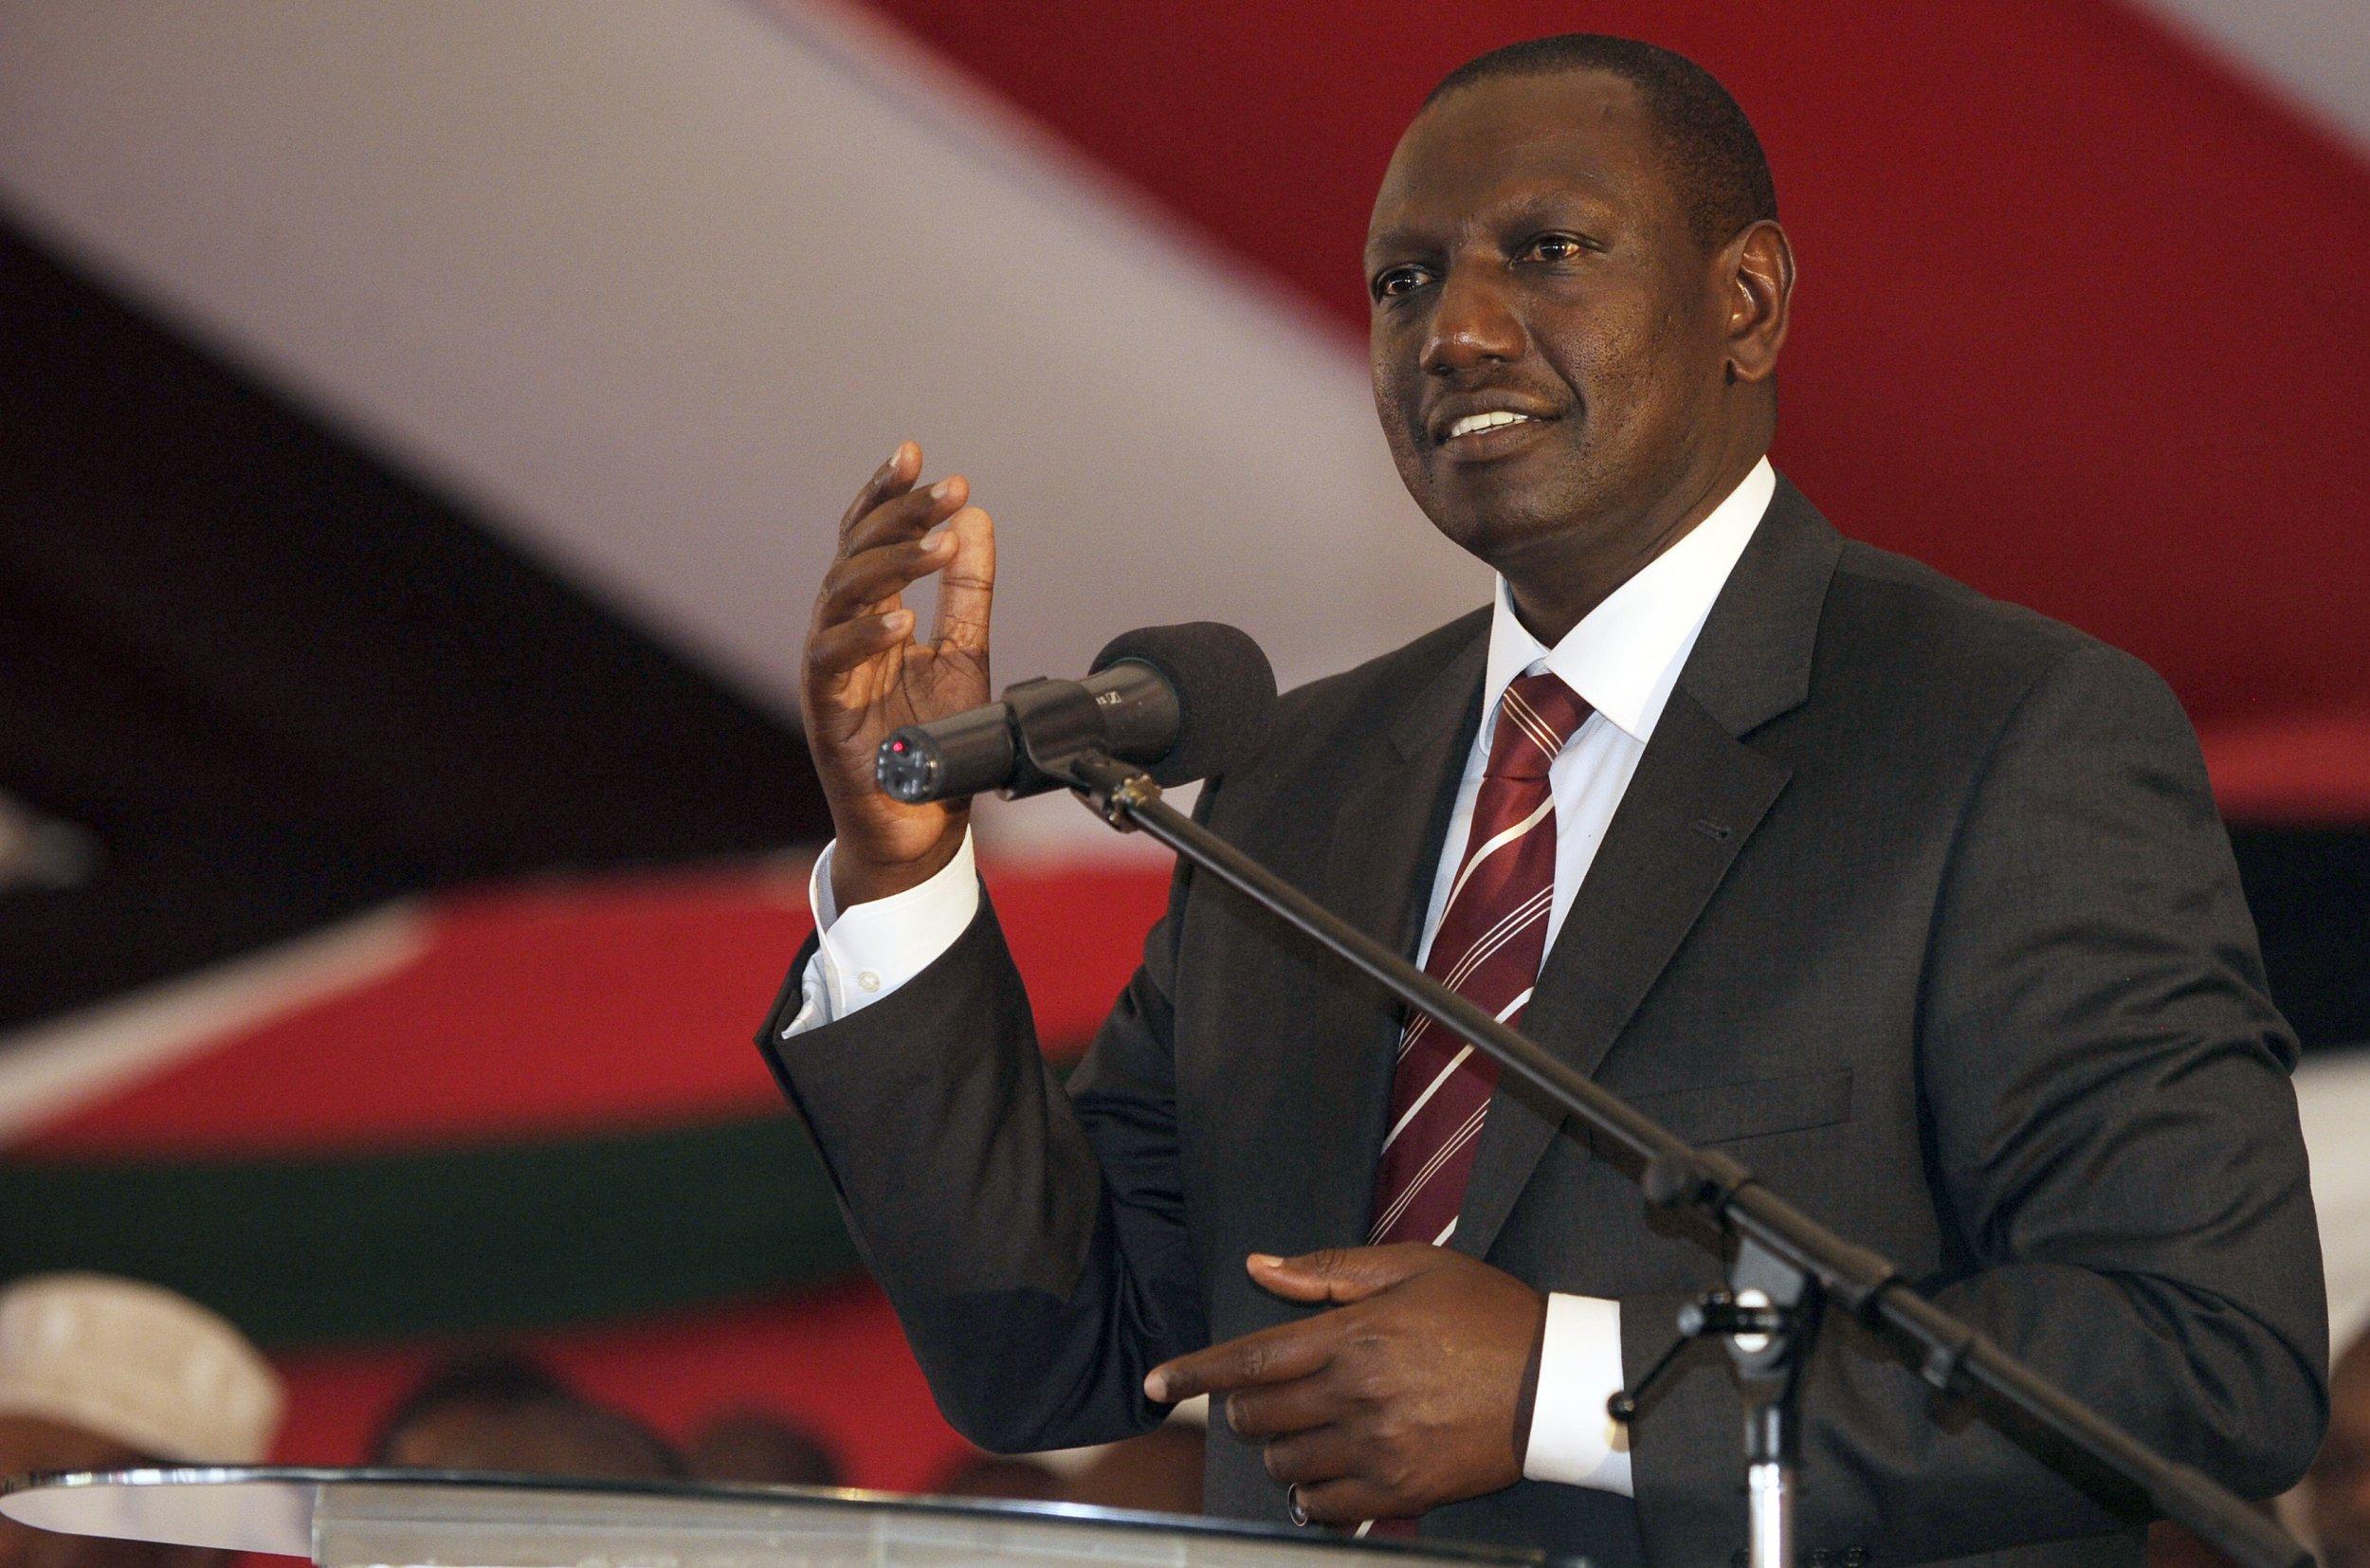 Kenya's Deputy President William Ruto addresses a prayer service.